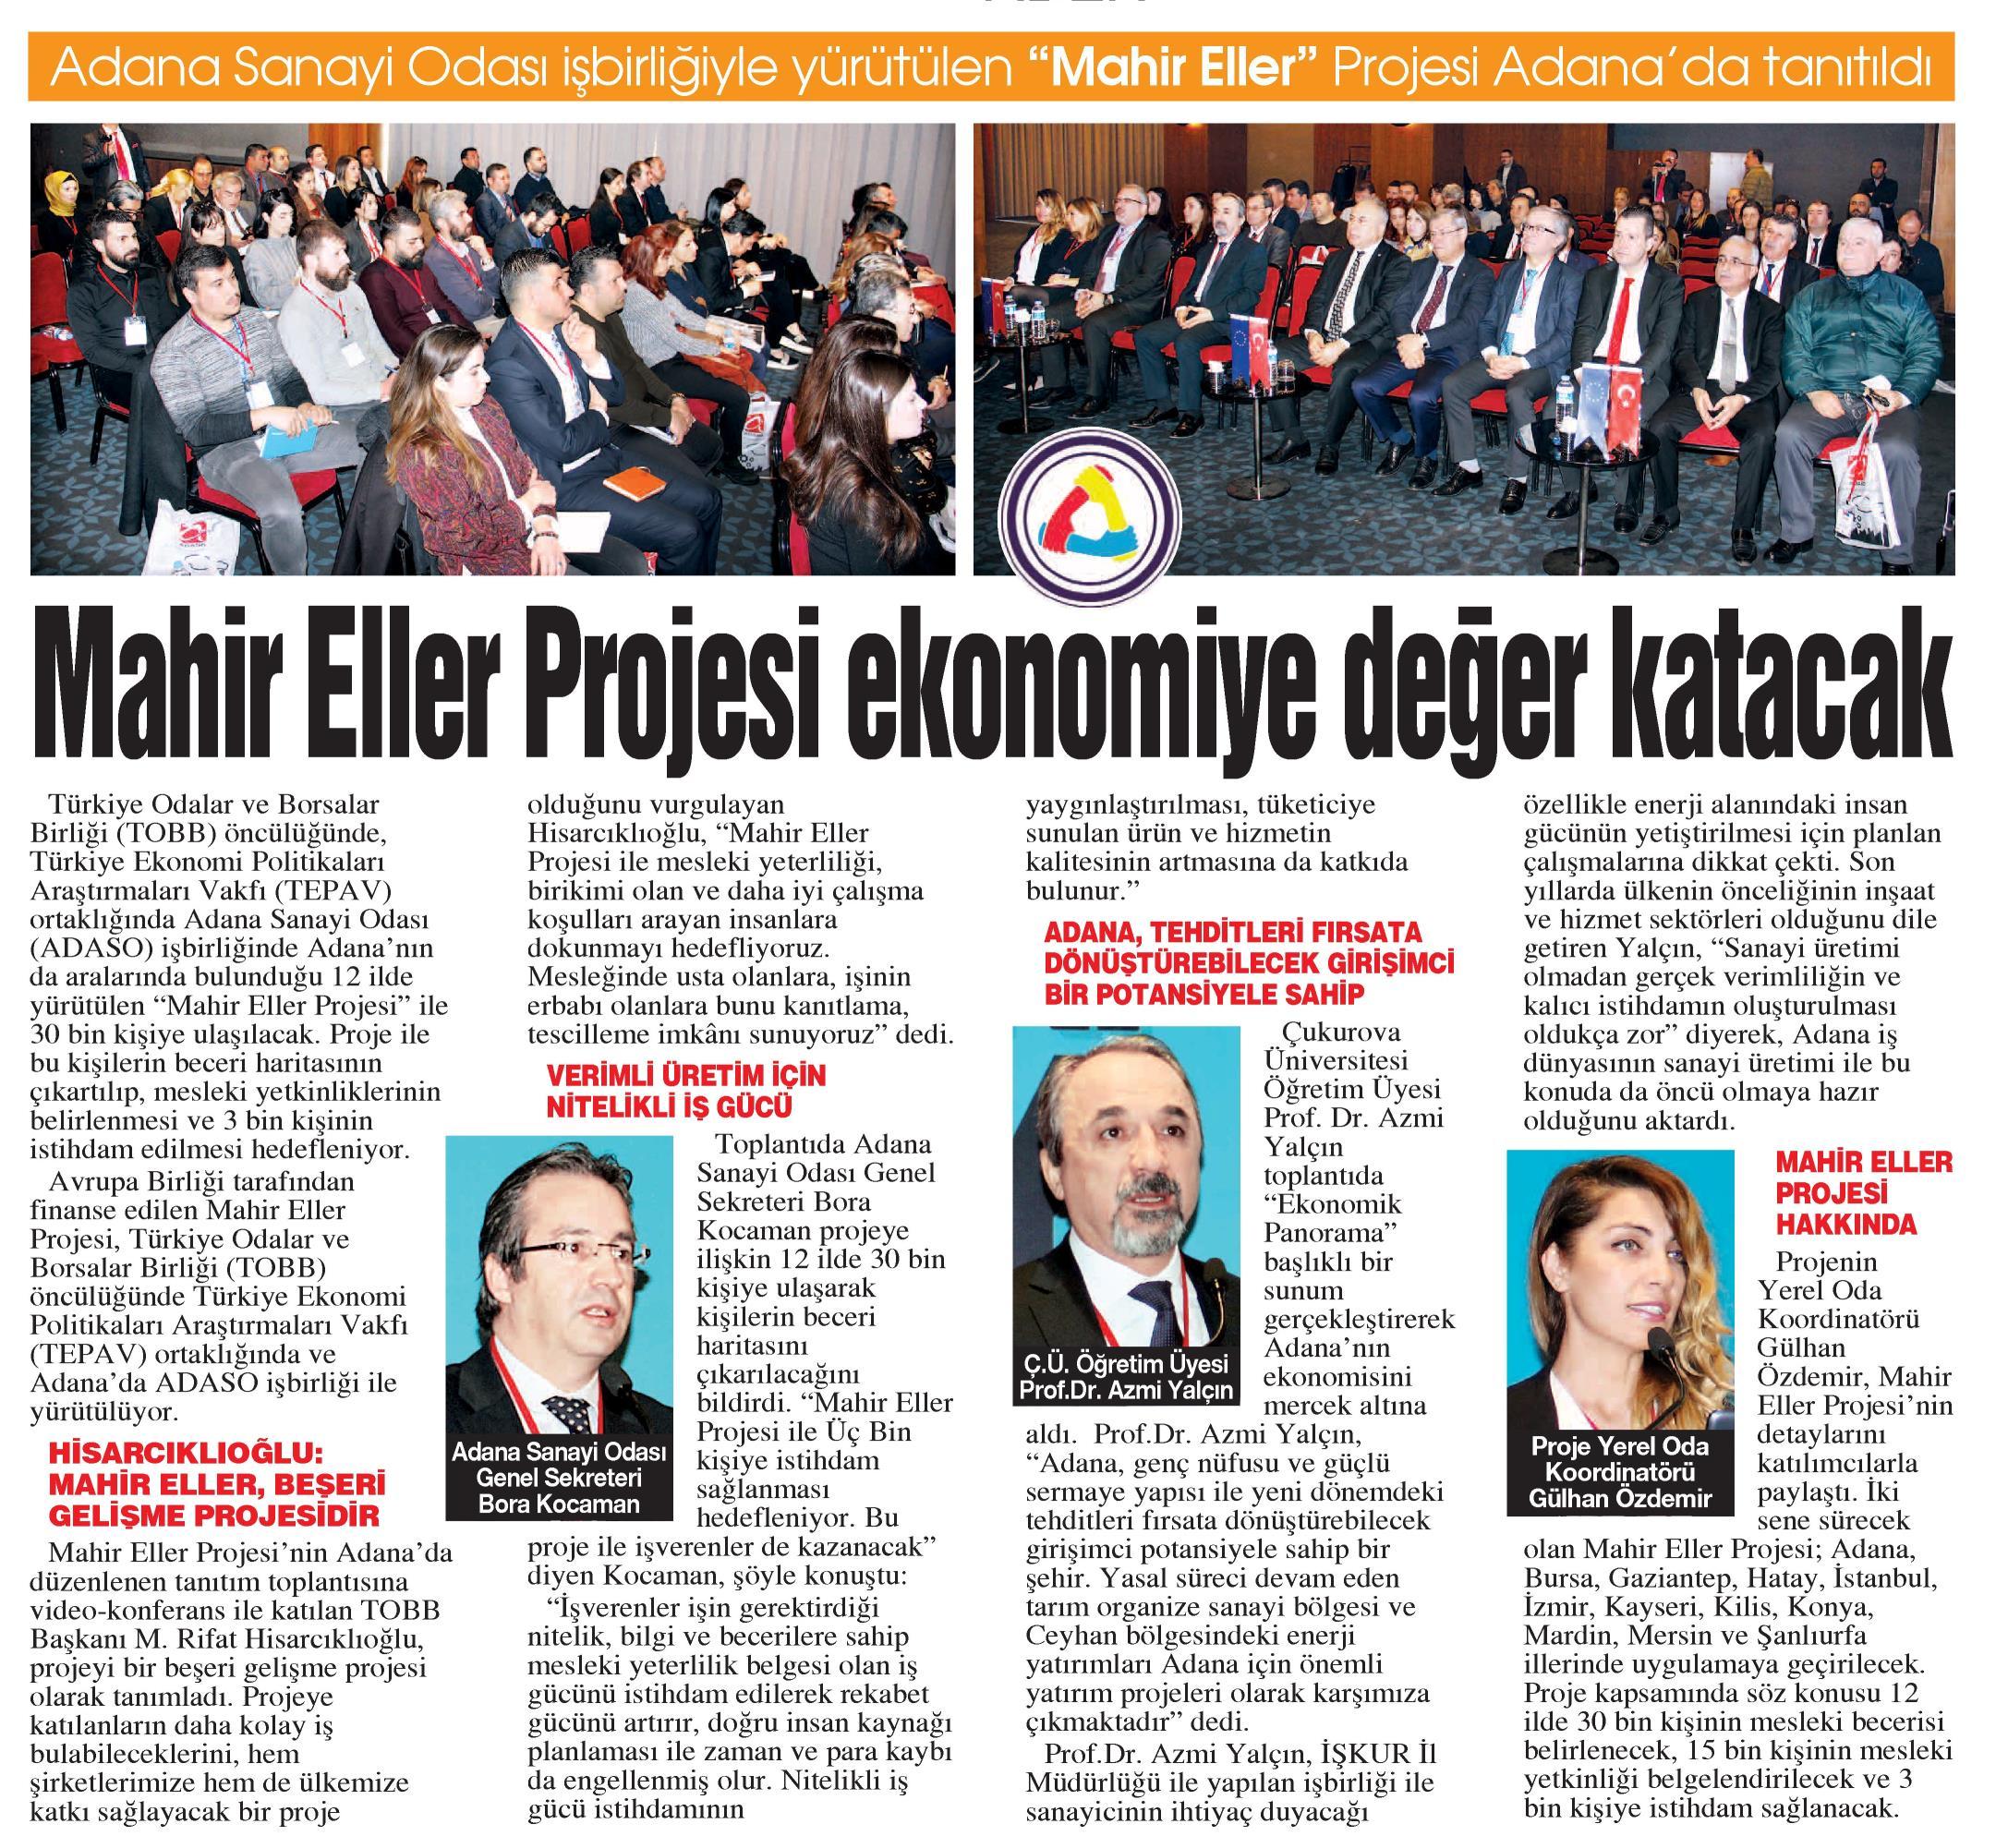 Mahir Eller Projesi Ekonomiye Değer Katacak Adana Sanayi Odası